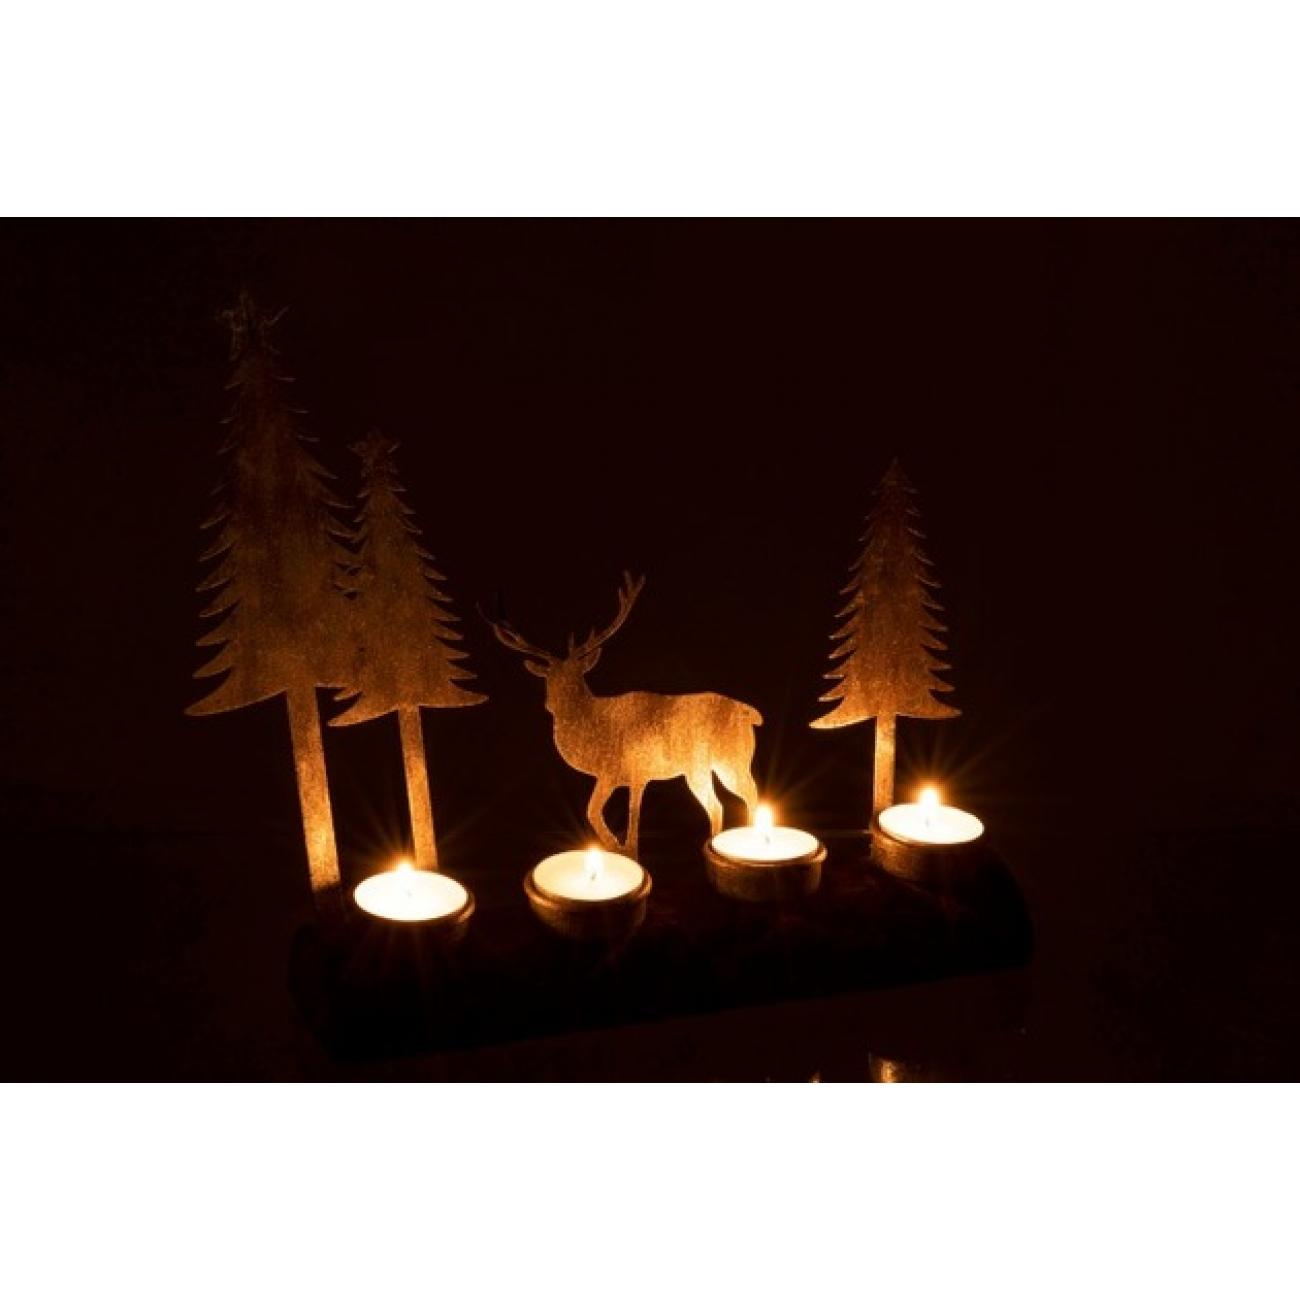 Подсвечник J-LINE новогодний деревянный с металлическими элементами на 4 свечи